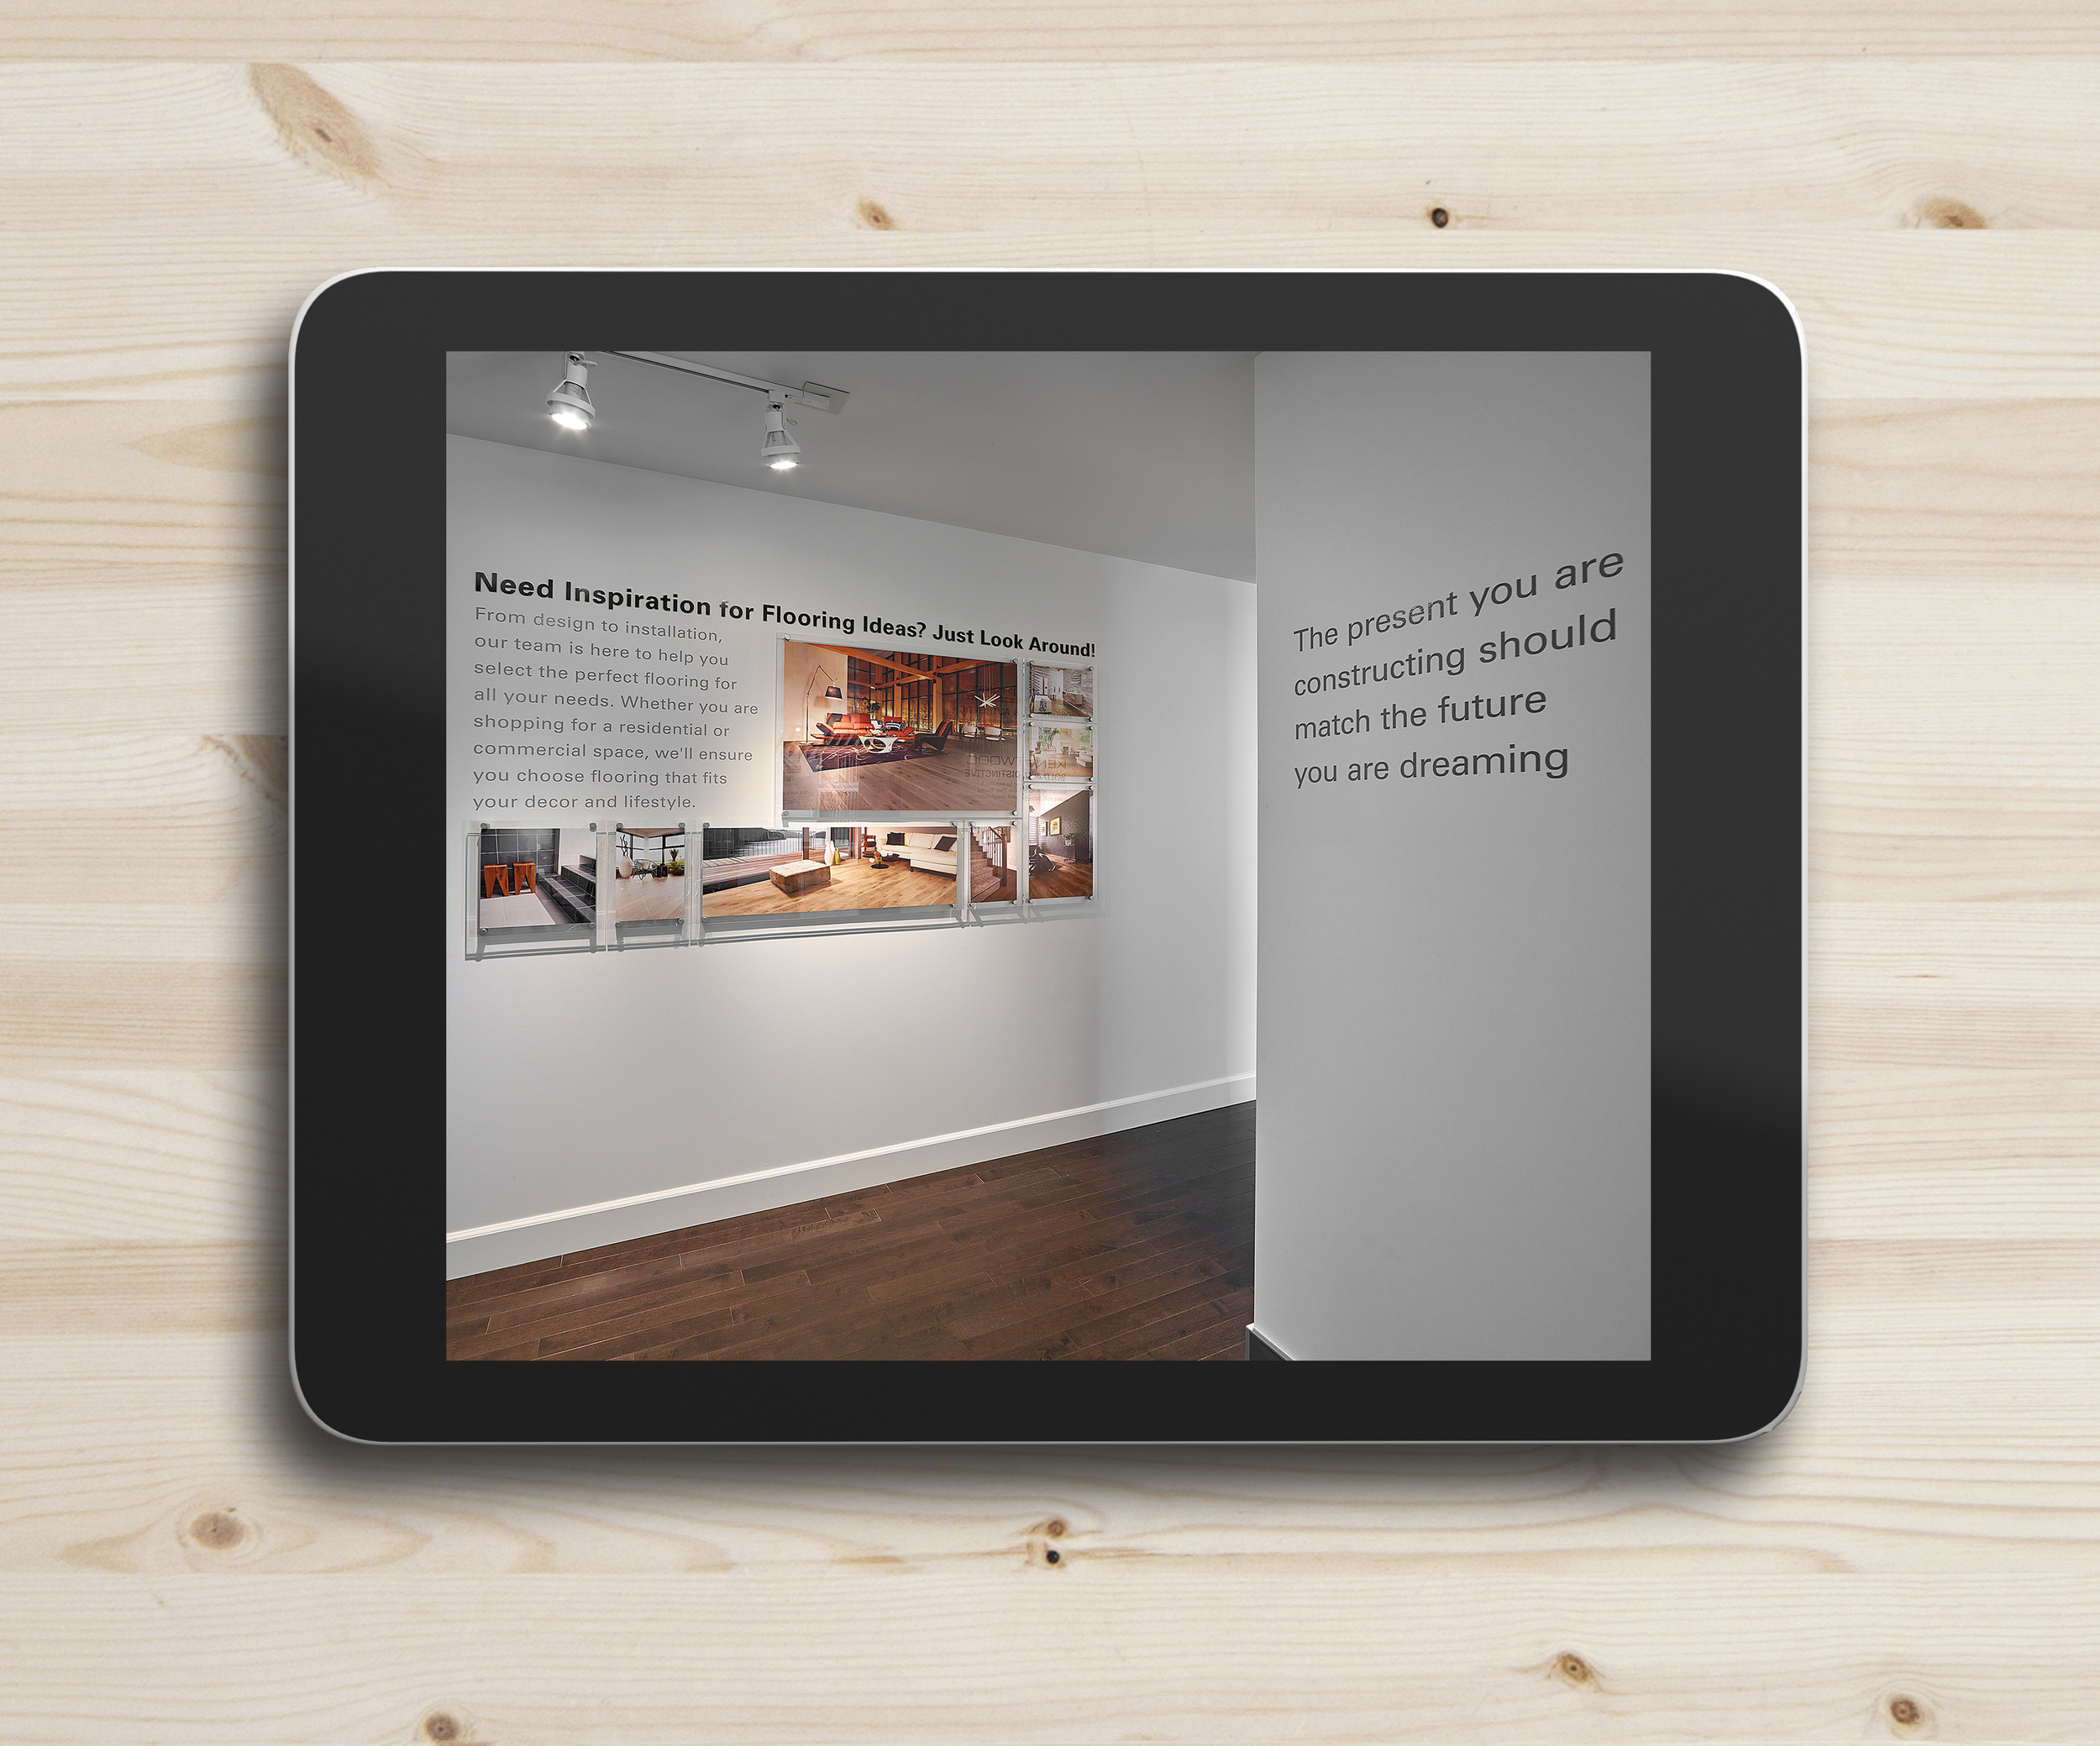 ahf_ipad_showroom_1.jpg